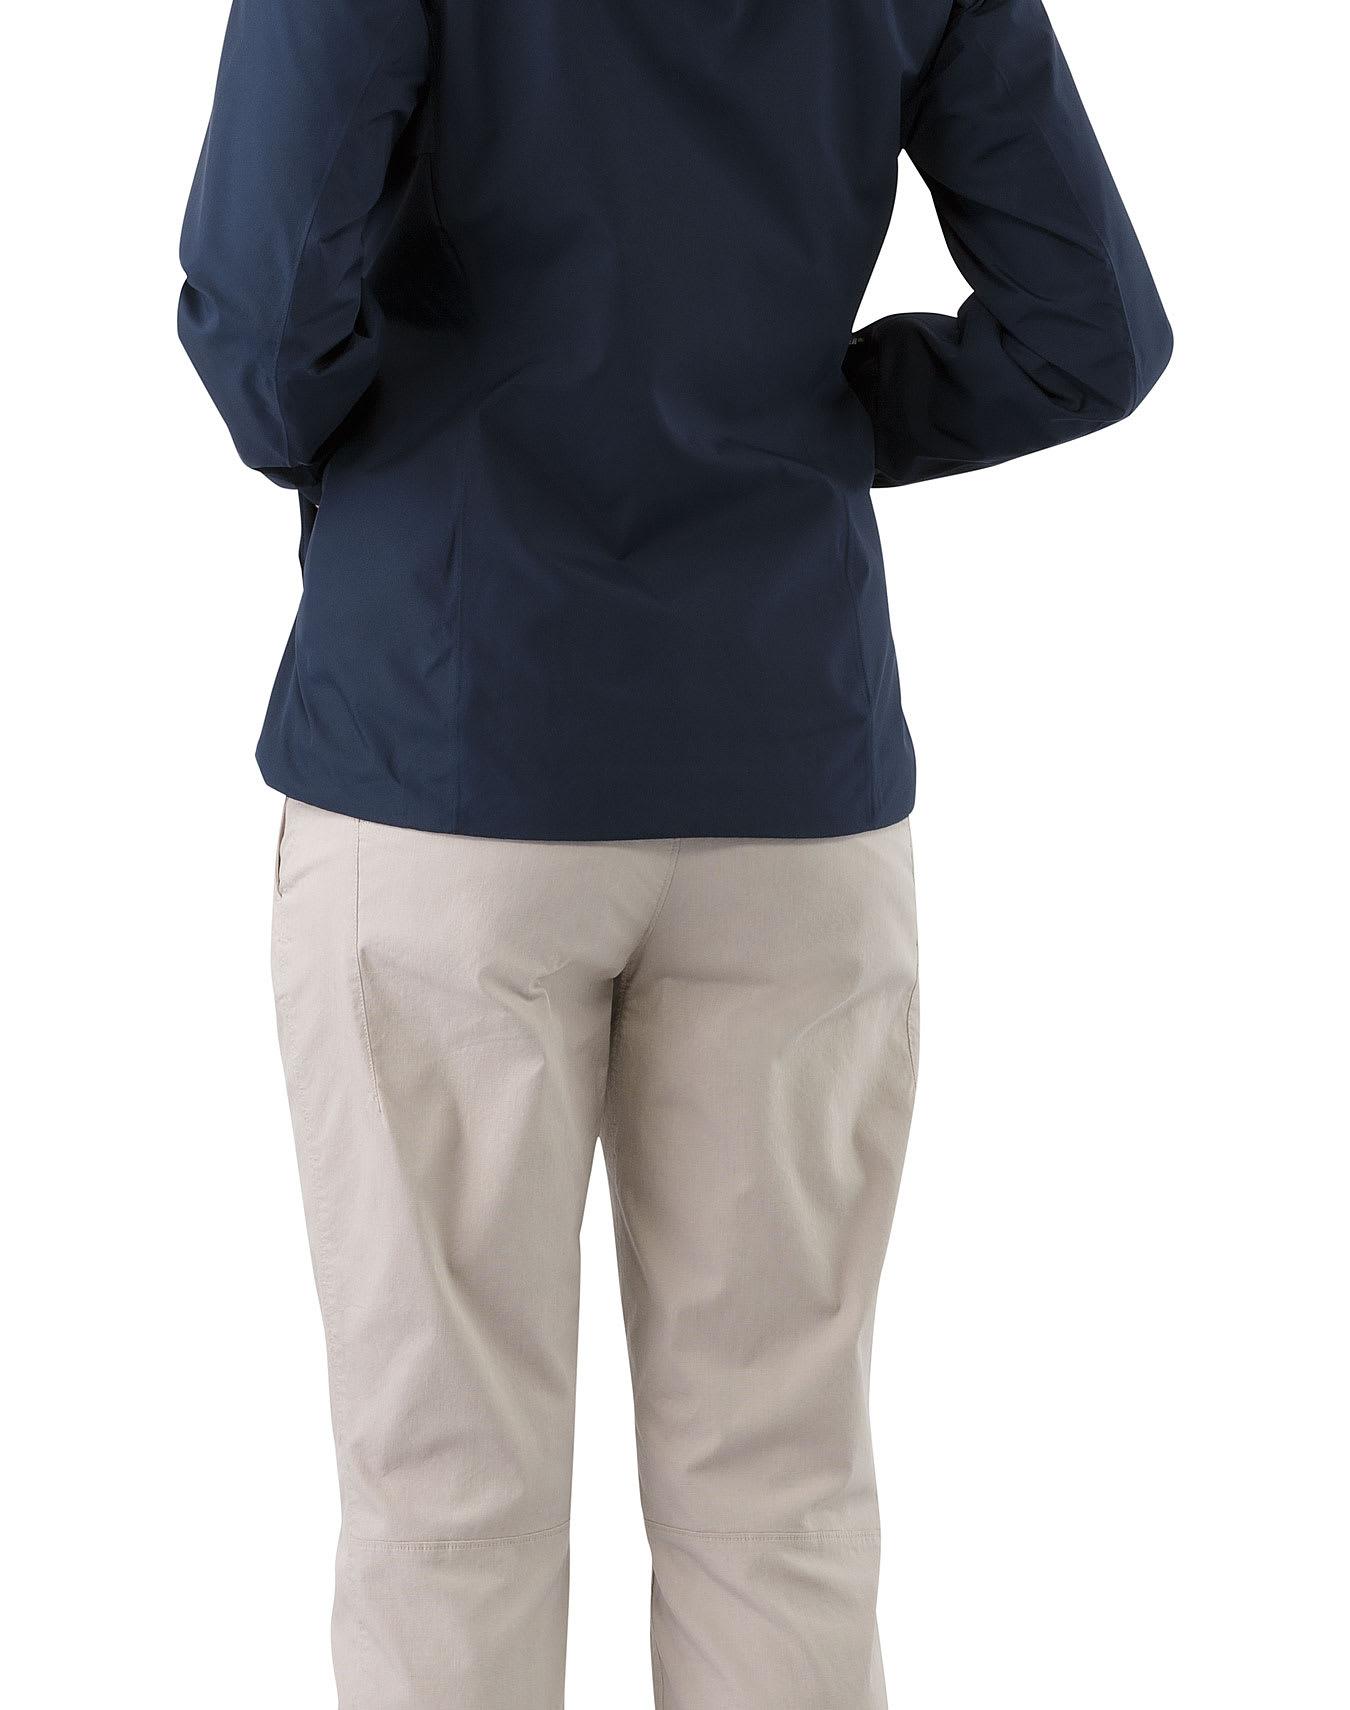 a9ab059685 Arcteryx Solano Jacket - thumbnail 2